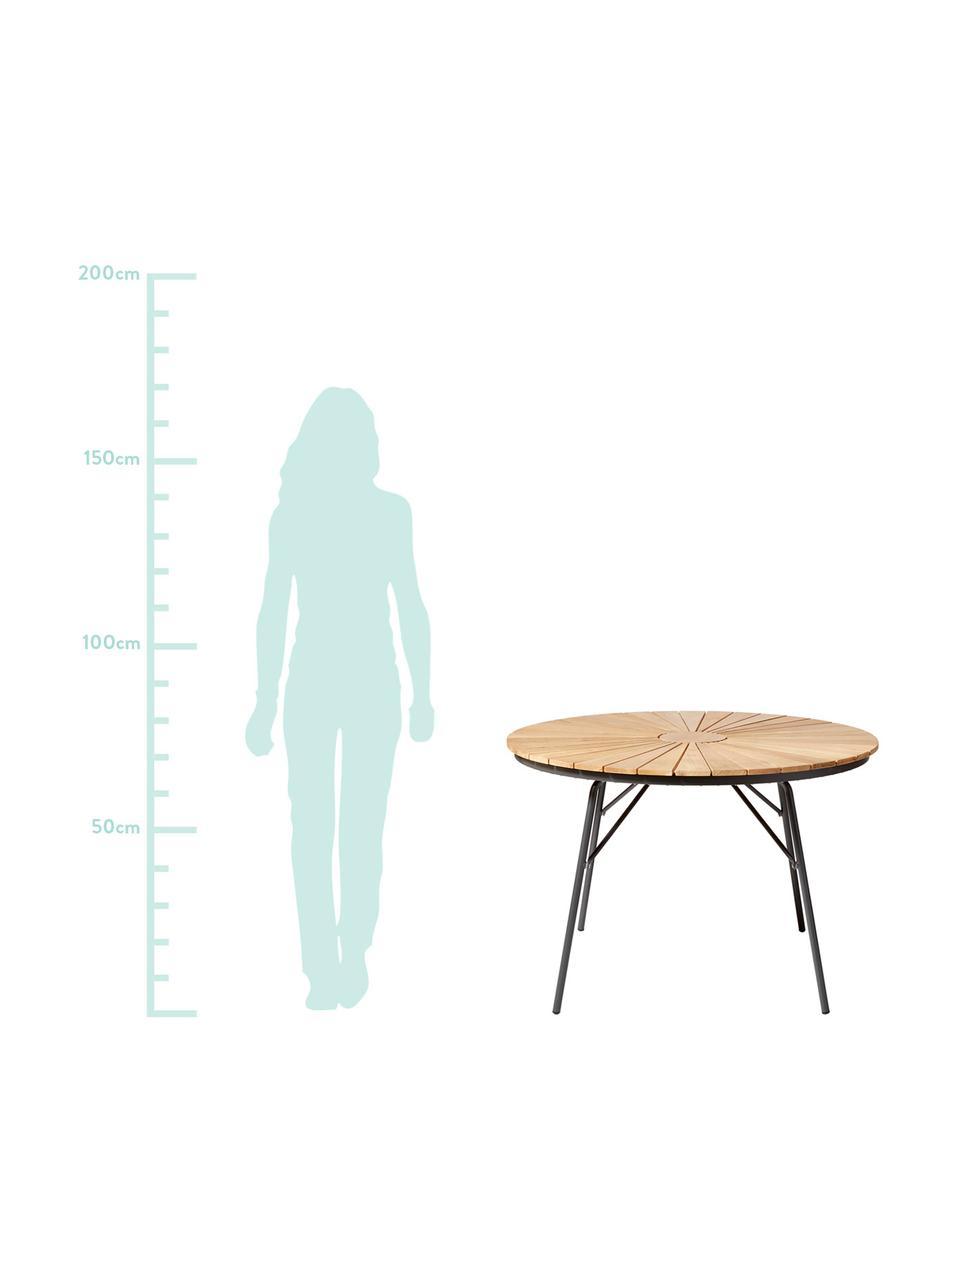 Tavolo rotondo da giardino con piano in legno di teak Hard & Ellen, Piano d'appoggio: legno di teak sabbiato Po, Antracite, legno di teak, Ø 110 x Alt. 73 cm